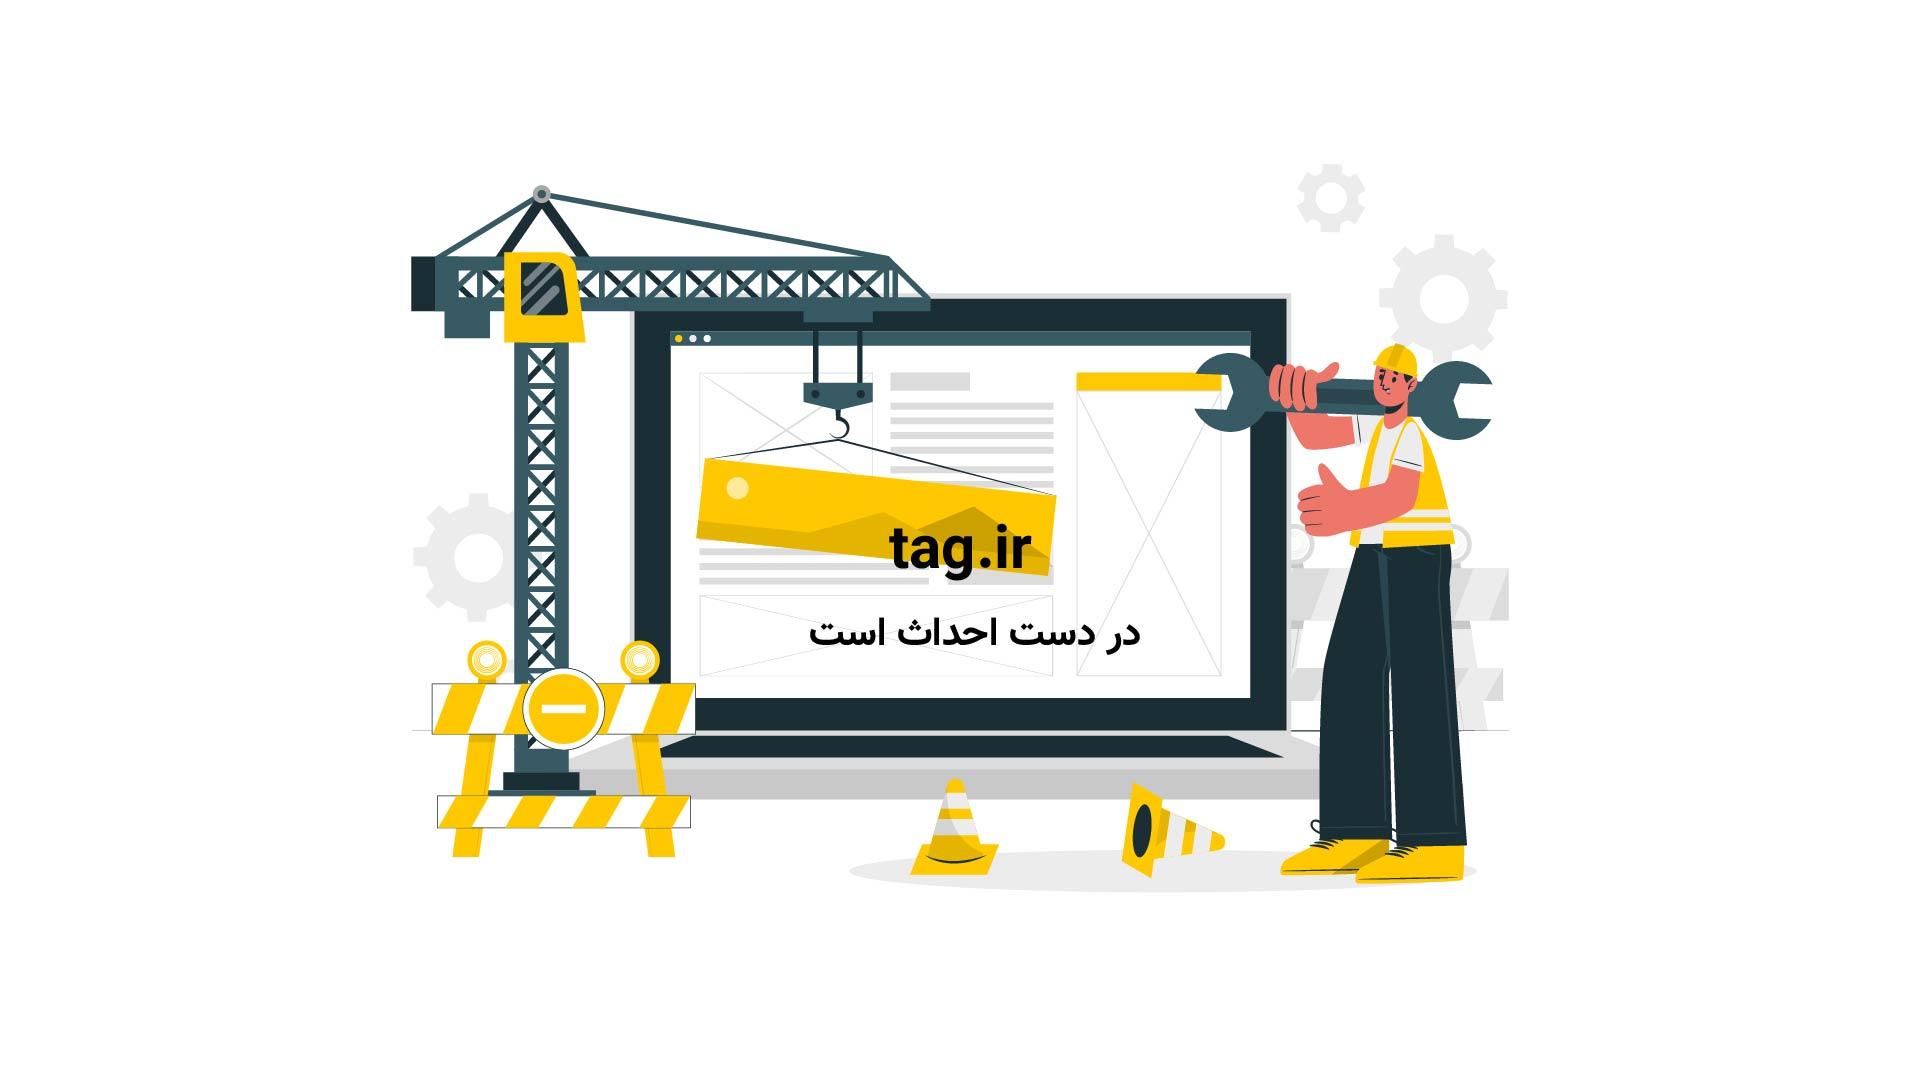 انیمیشن گربه سایمون؛ این قسمت گردش علمی | فیلم